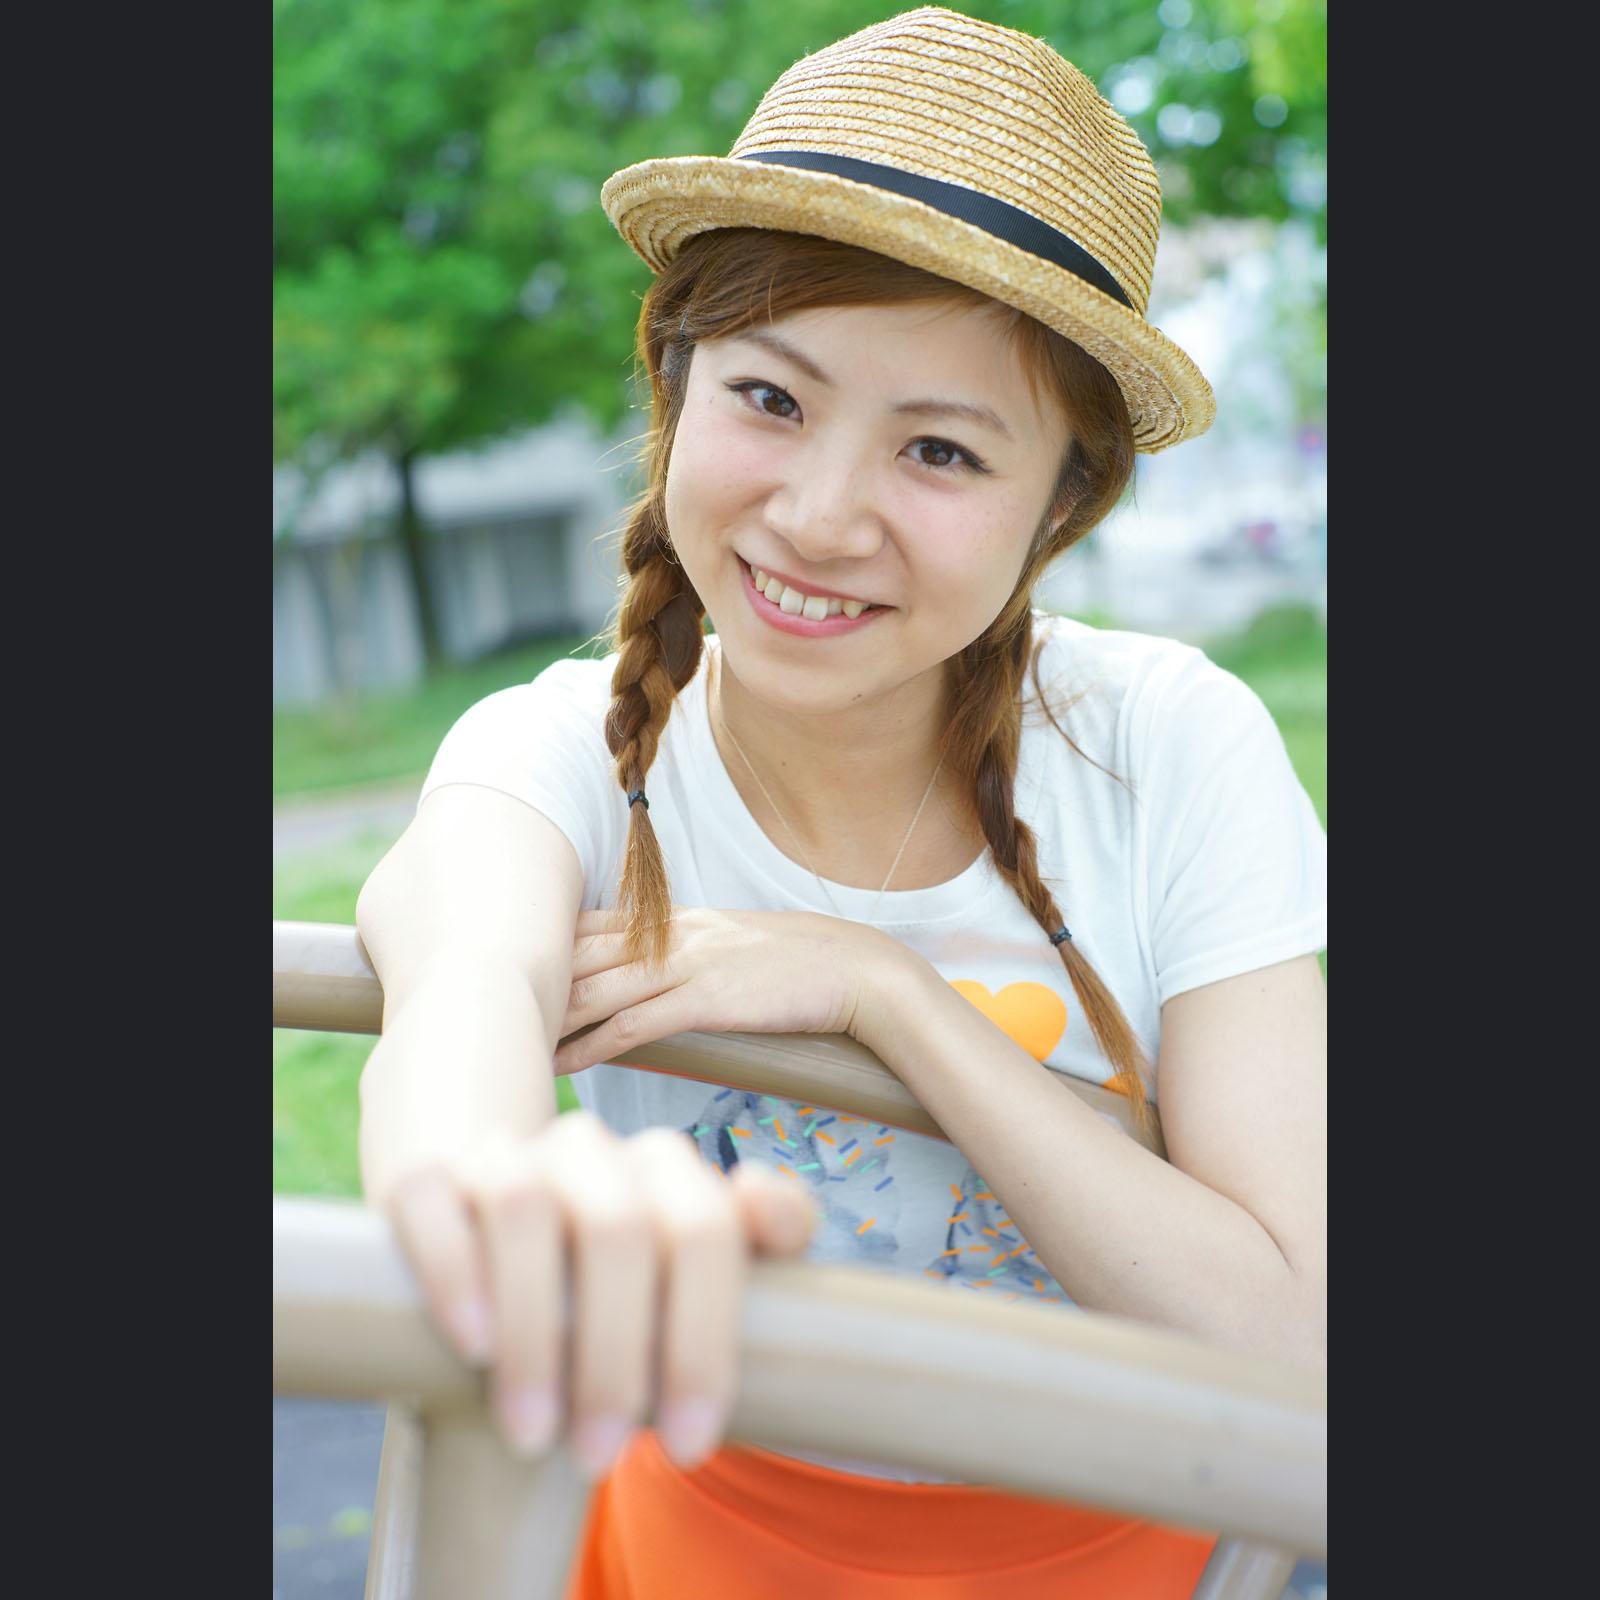 f0269385_116365.jpg